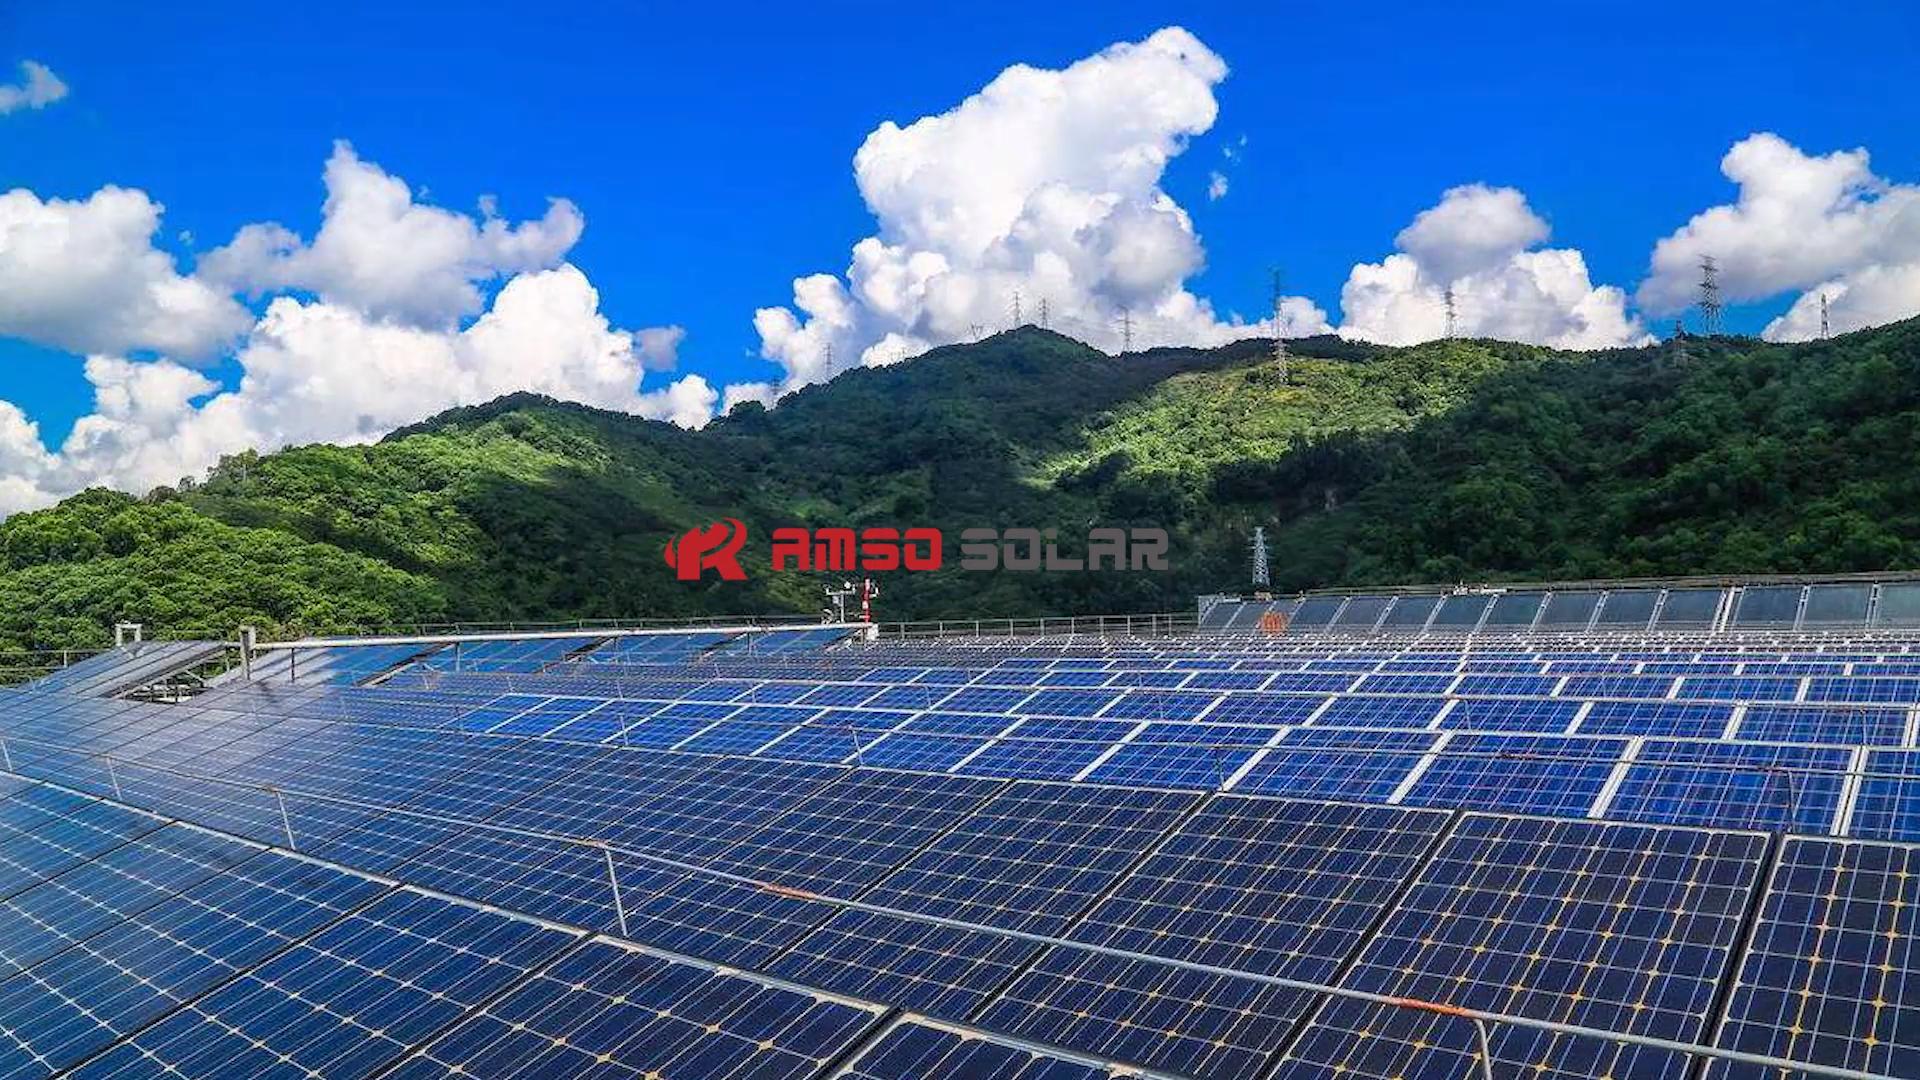 Reliable quality 48v 450W 460W 470W 480W 490W 500W solar panel mono crystalline solar panel 500w for home system